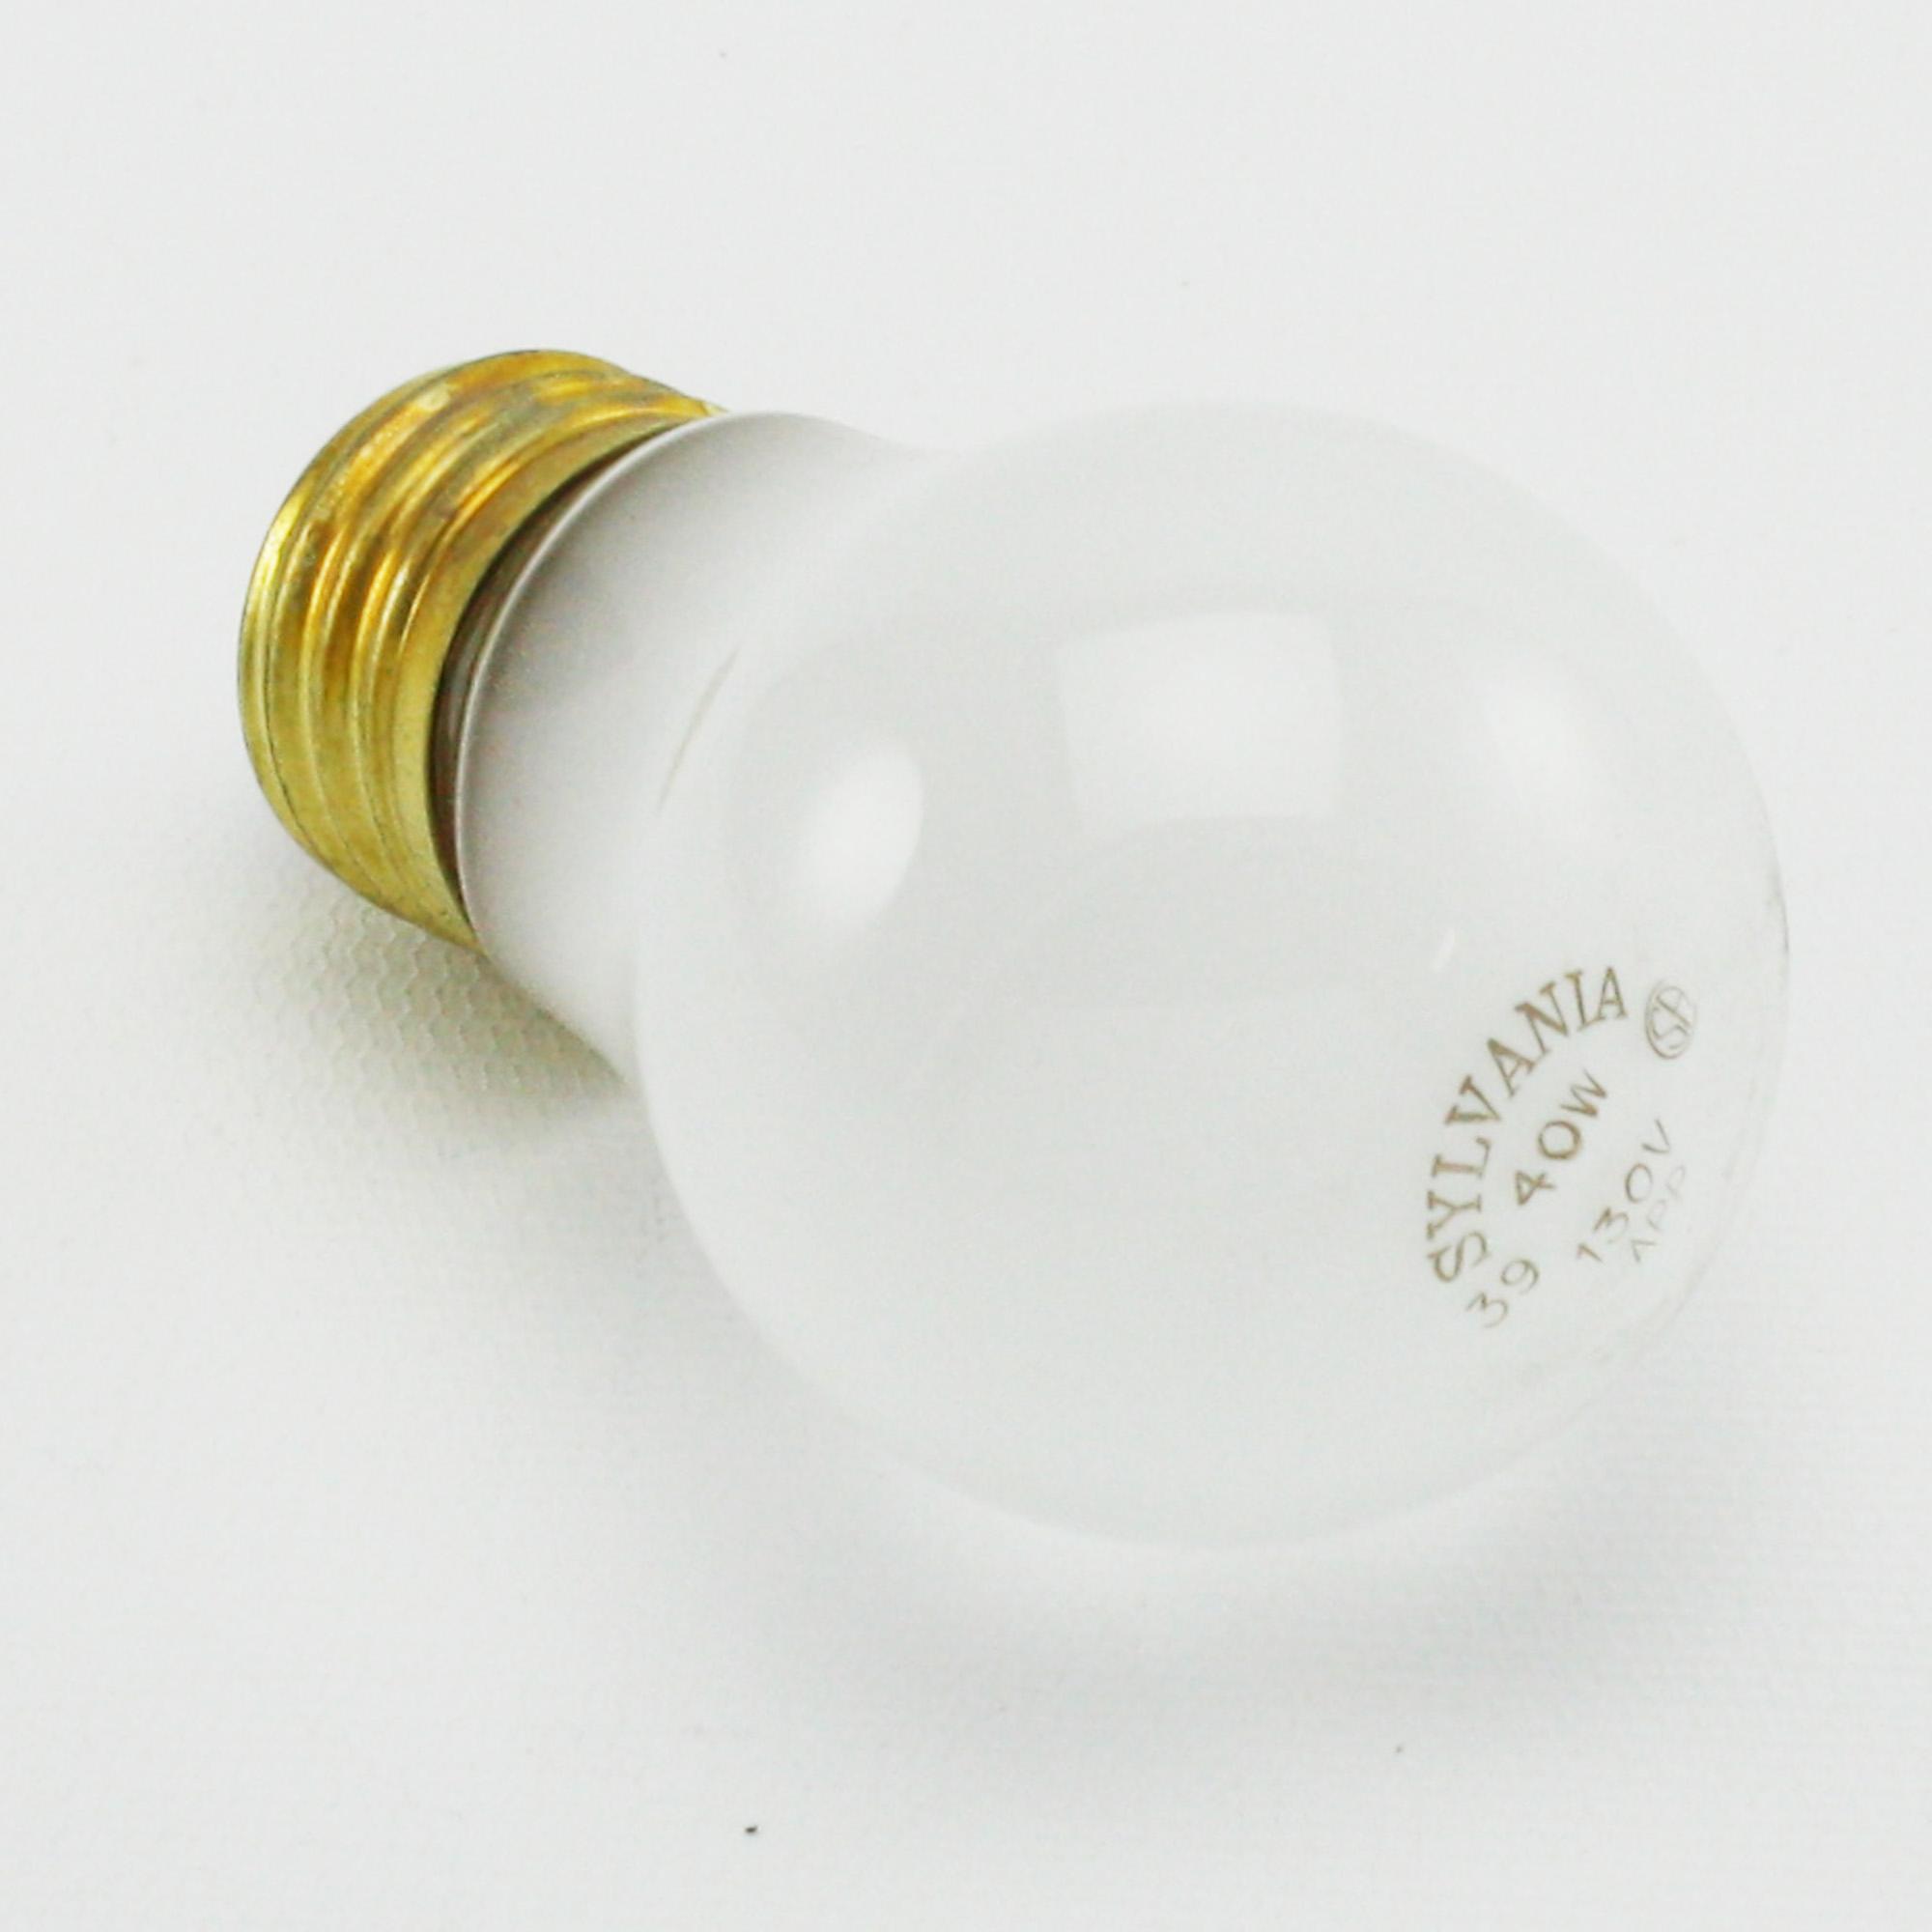 details about 5303013071 frigidaire refrigerator light bulb. Black Bedroom Furniture Sets. Home Design Ideas